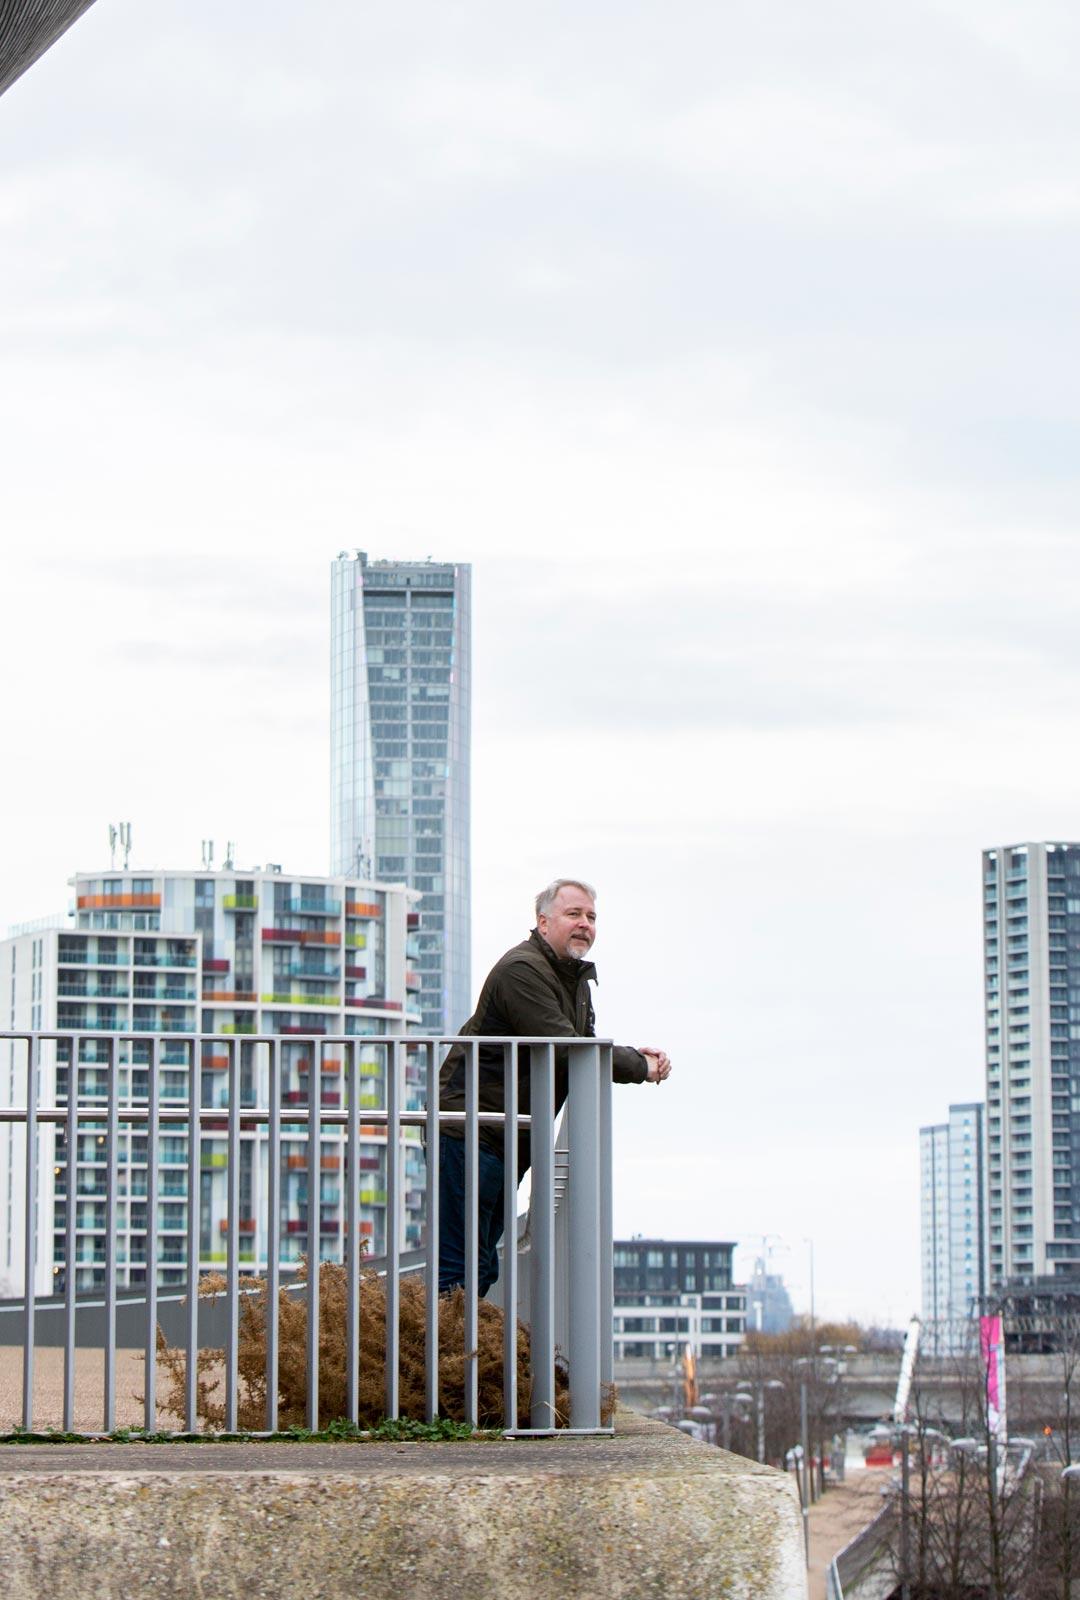 Juha Pihanen asuu Lontoossa taustalla näkyvässä pilvenpiirtäjässä. 120 neliön asunnon ikkunat avautuvat itään ja maisemia riittää 20 kilometrin päähän.